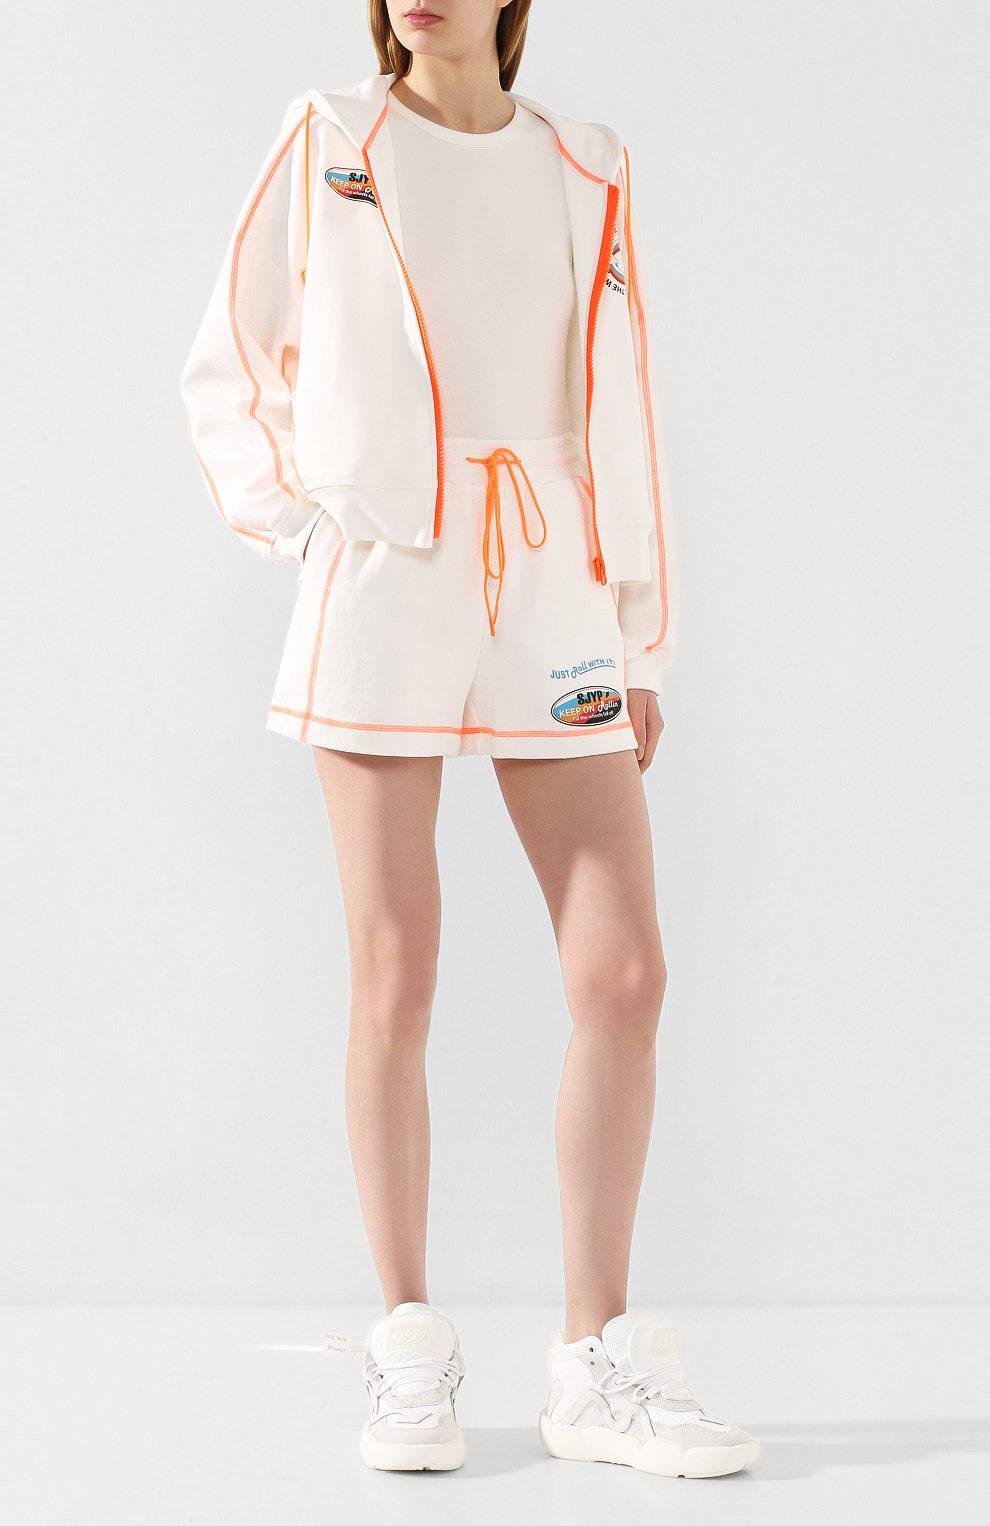 Женские хлопковые шорты STEVE J & YONI P белого цвета, арт. PW2A3W-PC130W | Фото 2 (Женское Кросс-КТ: Шорты-одежда; Длина Ж (юбки, платья, шорты): Мини; Материал внешний: Хлопок; Стили: Спорт)